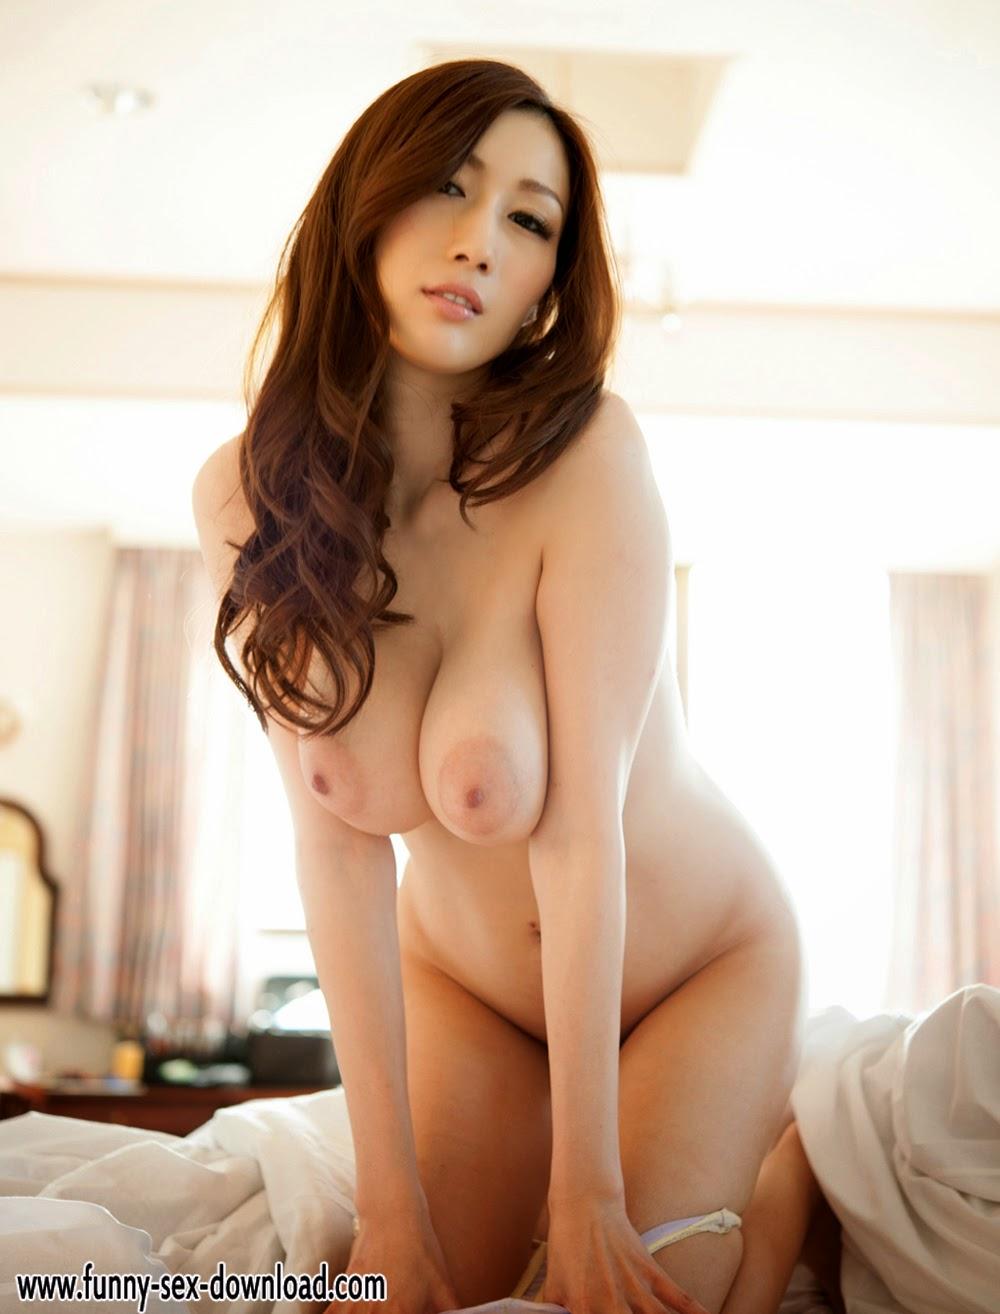 Korean Naked Women 115